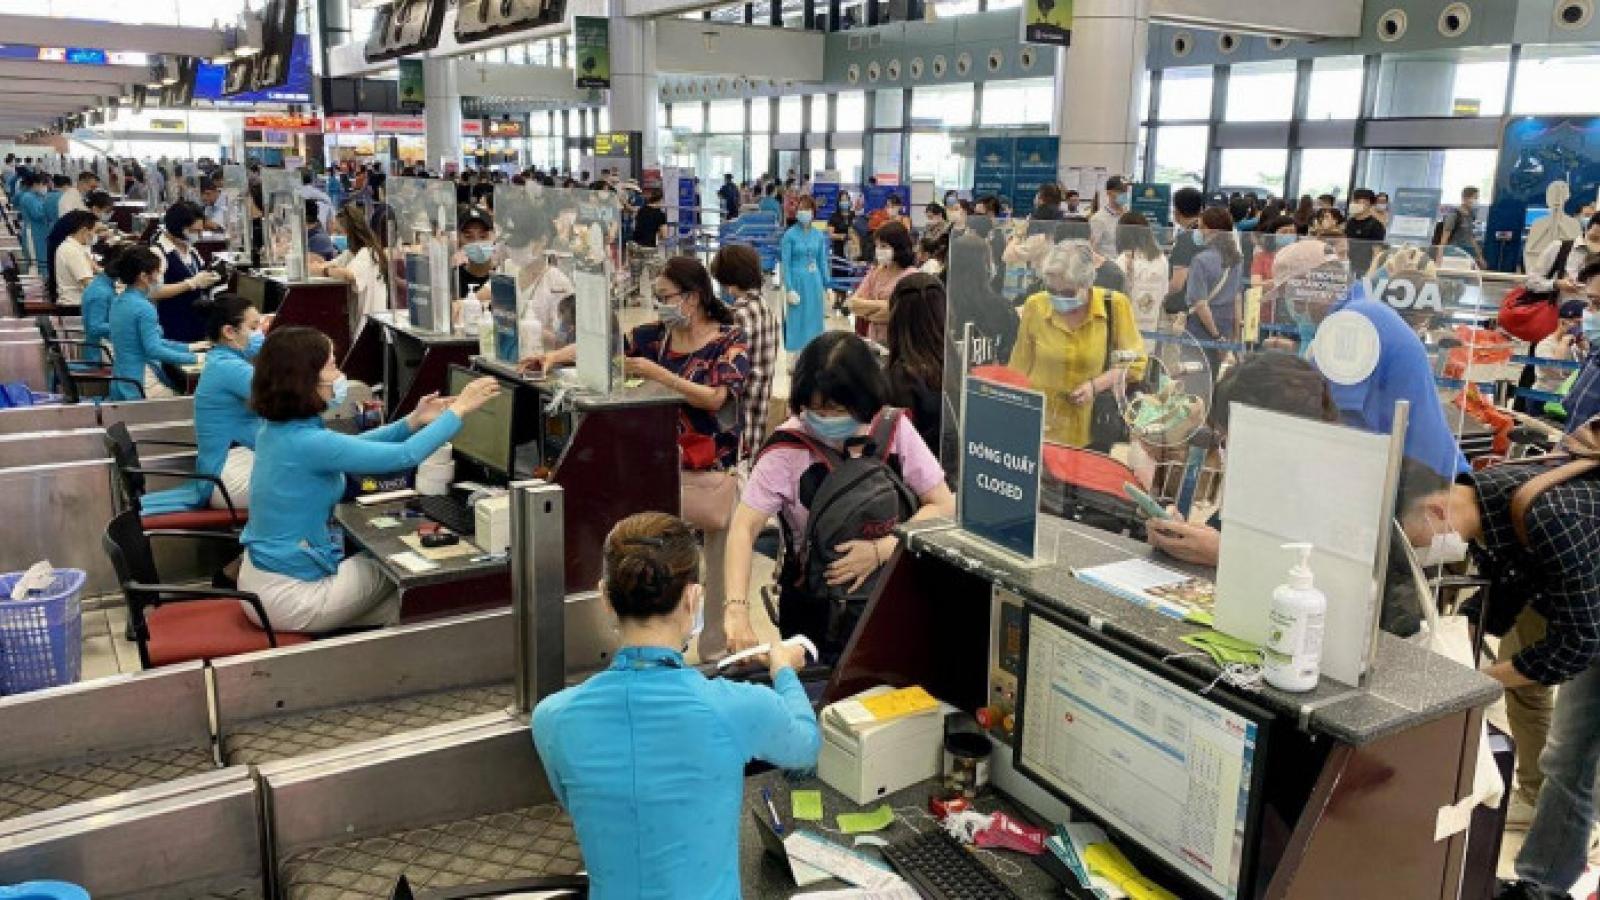 Đổi, hủy, hoàn tiền vé máy bay cho khách thế nào khi dịch COVID-19 bùng phát?